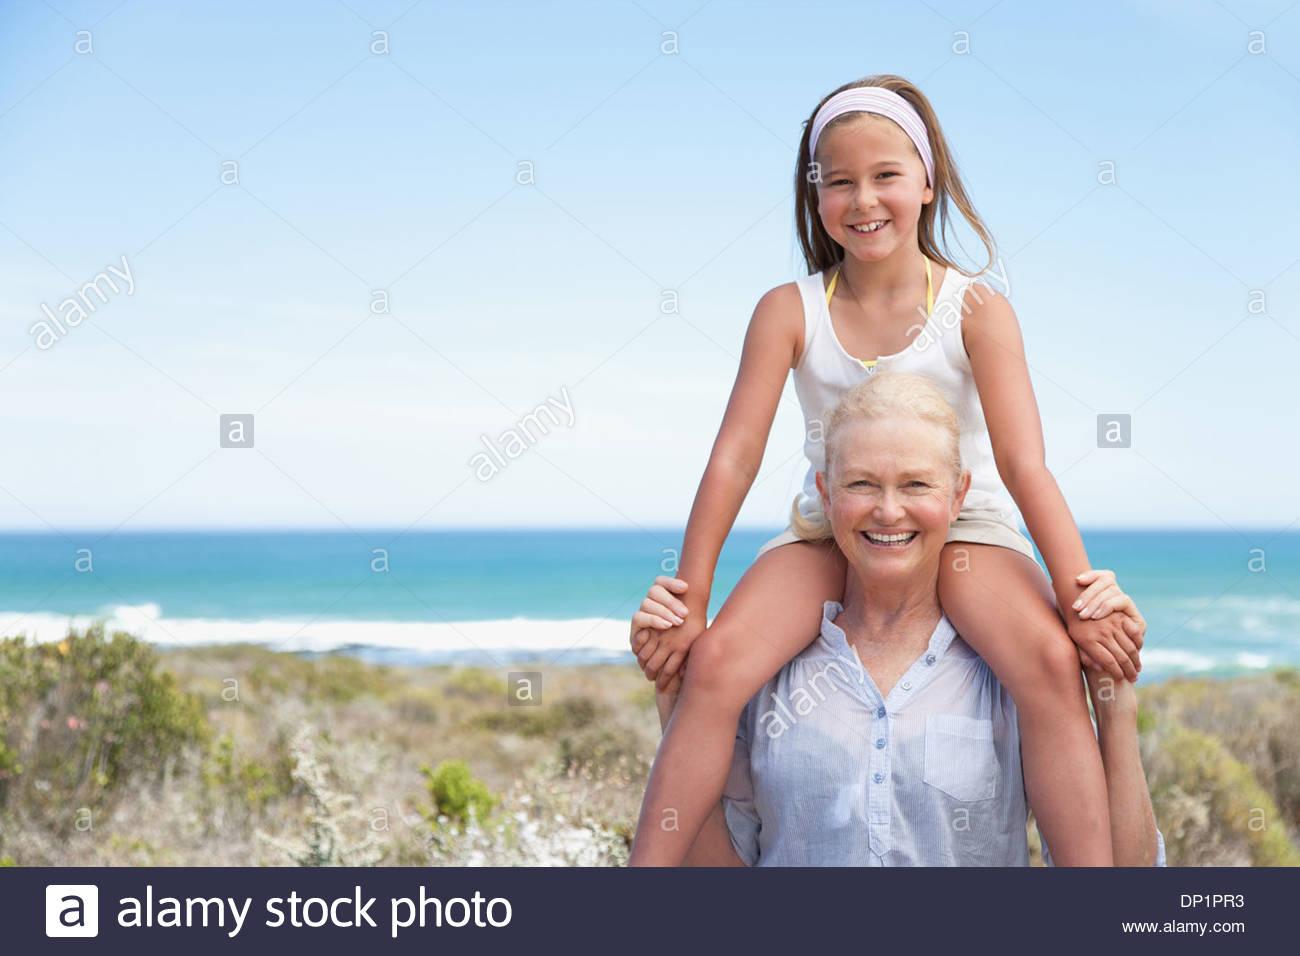 Nonna nipote che porta sulle spalle sulla spiaggia Immagini Stock